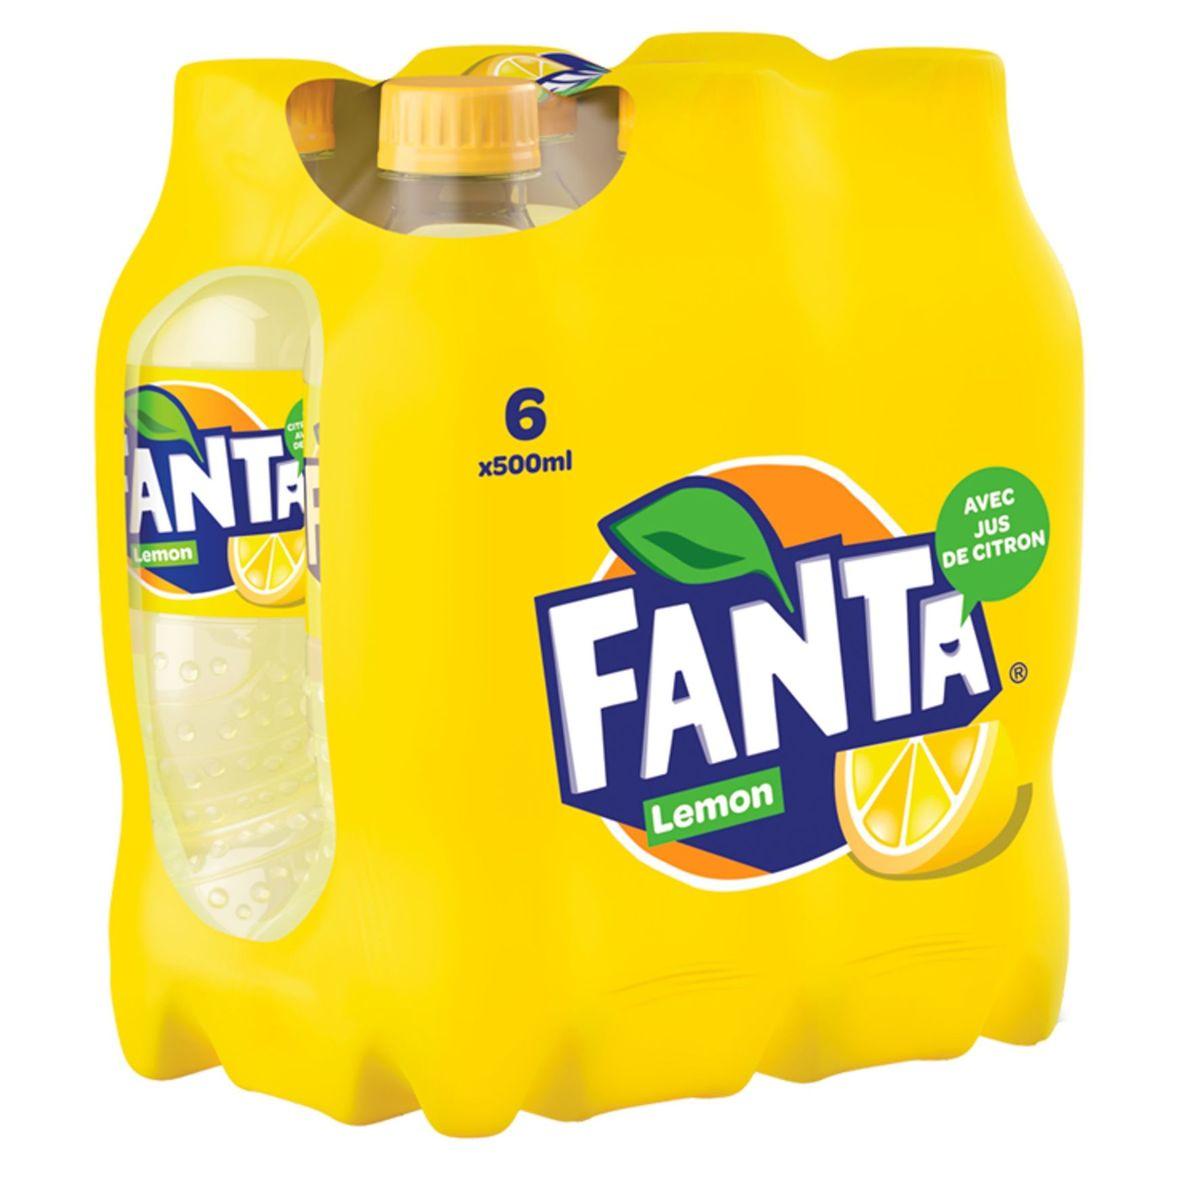 Fanta Lemon 6 x 500 ml